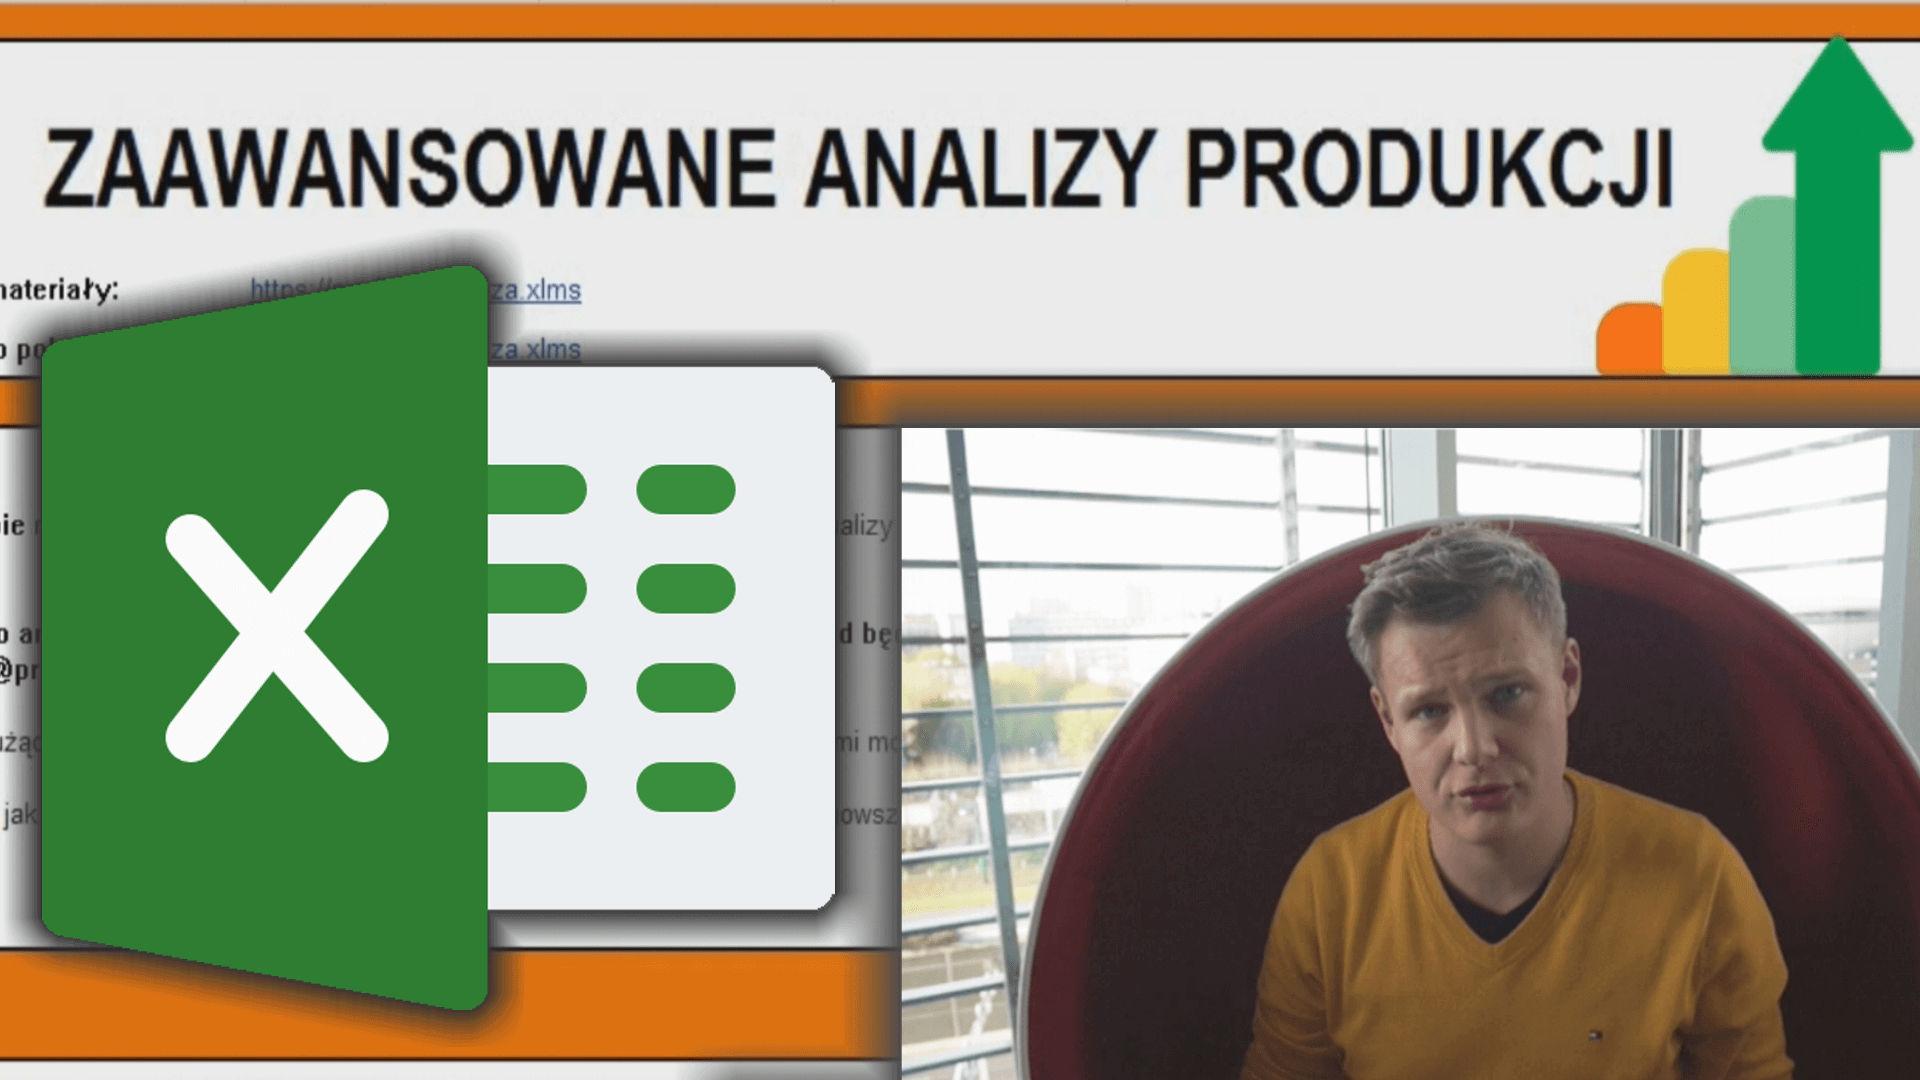 Analiza i rozliczenie produkcji za pomocą MS EXCEL (gotowy arkusz do zaawansowanych analiz historii pracy)